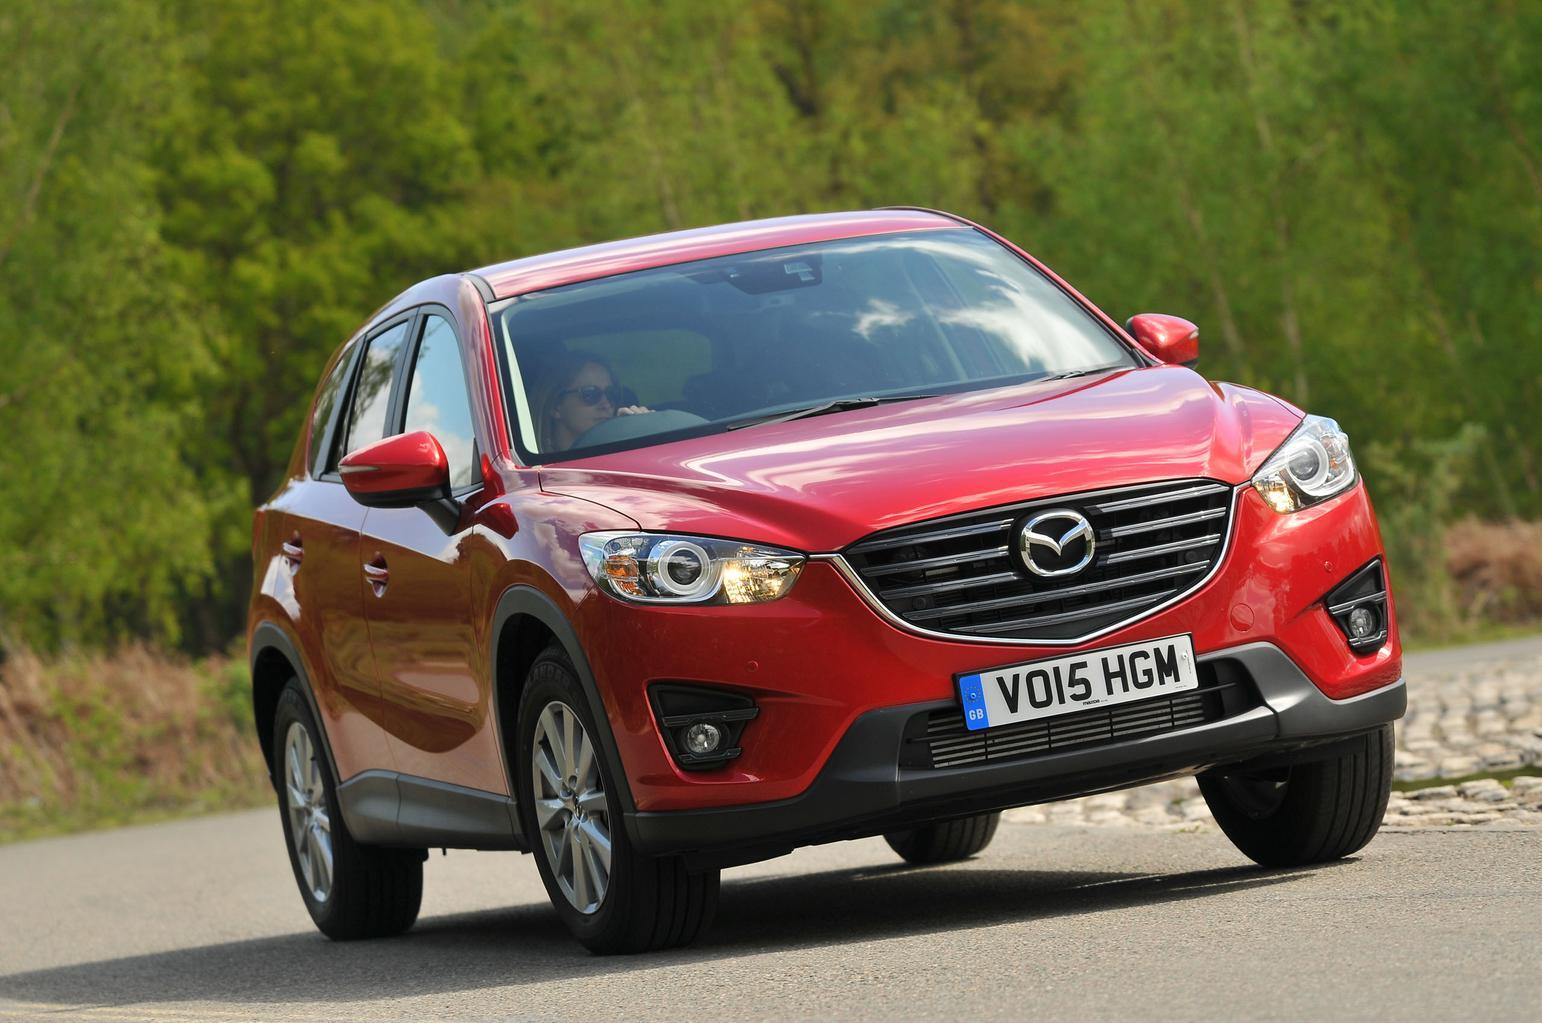 Volvo V40 tops list of Britain's safest family cars